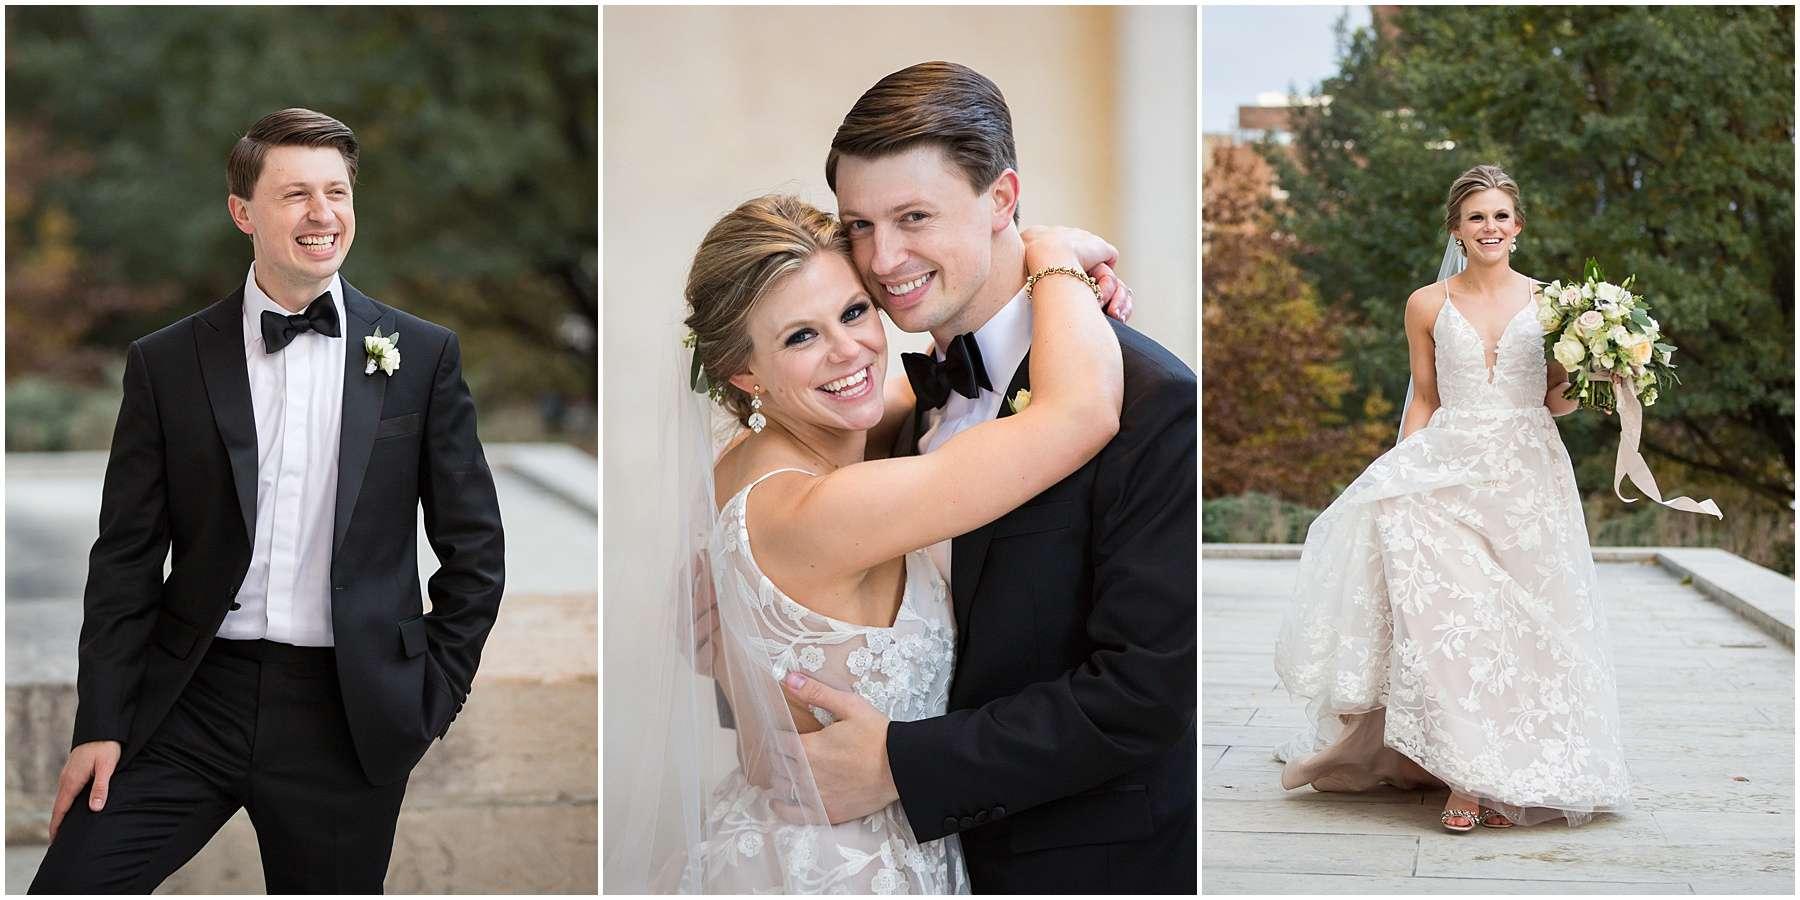 Wedding at the Ohio Statehouse | Columbus Ohio Weddings 162